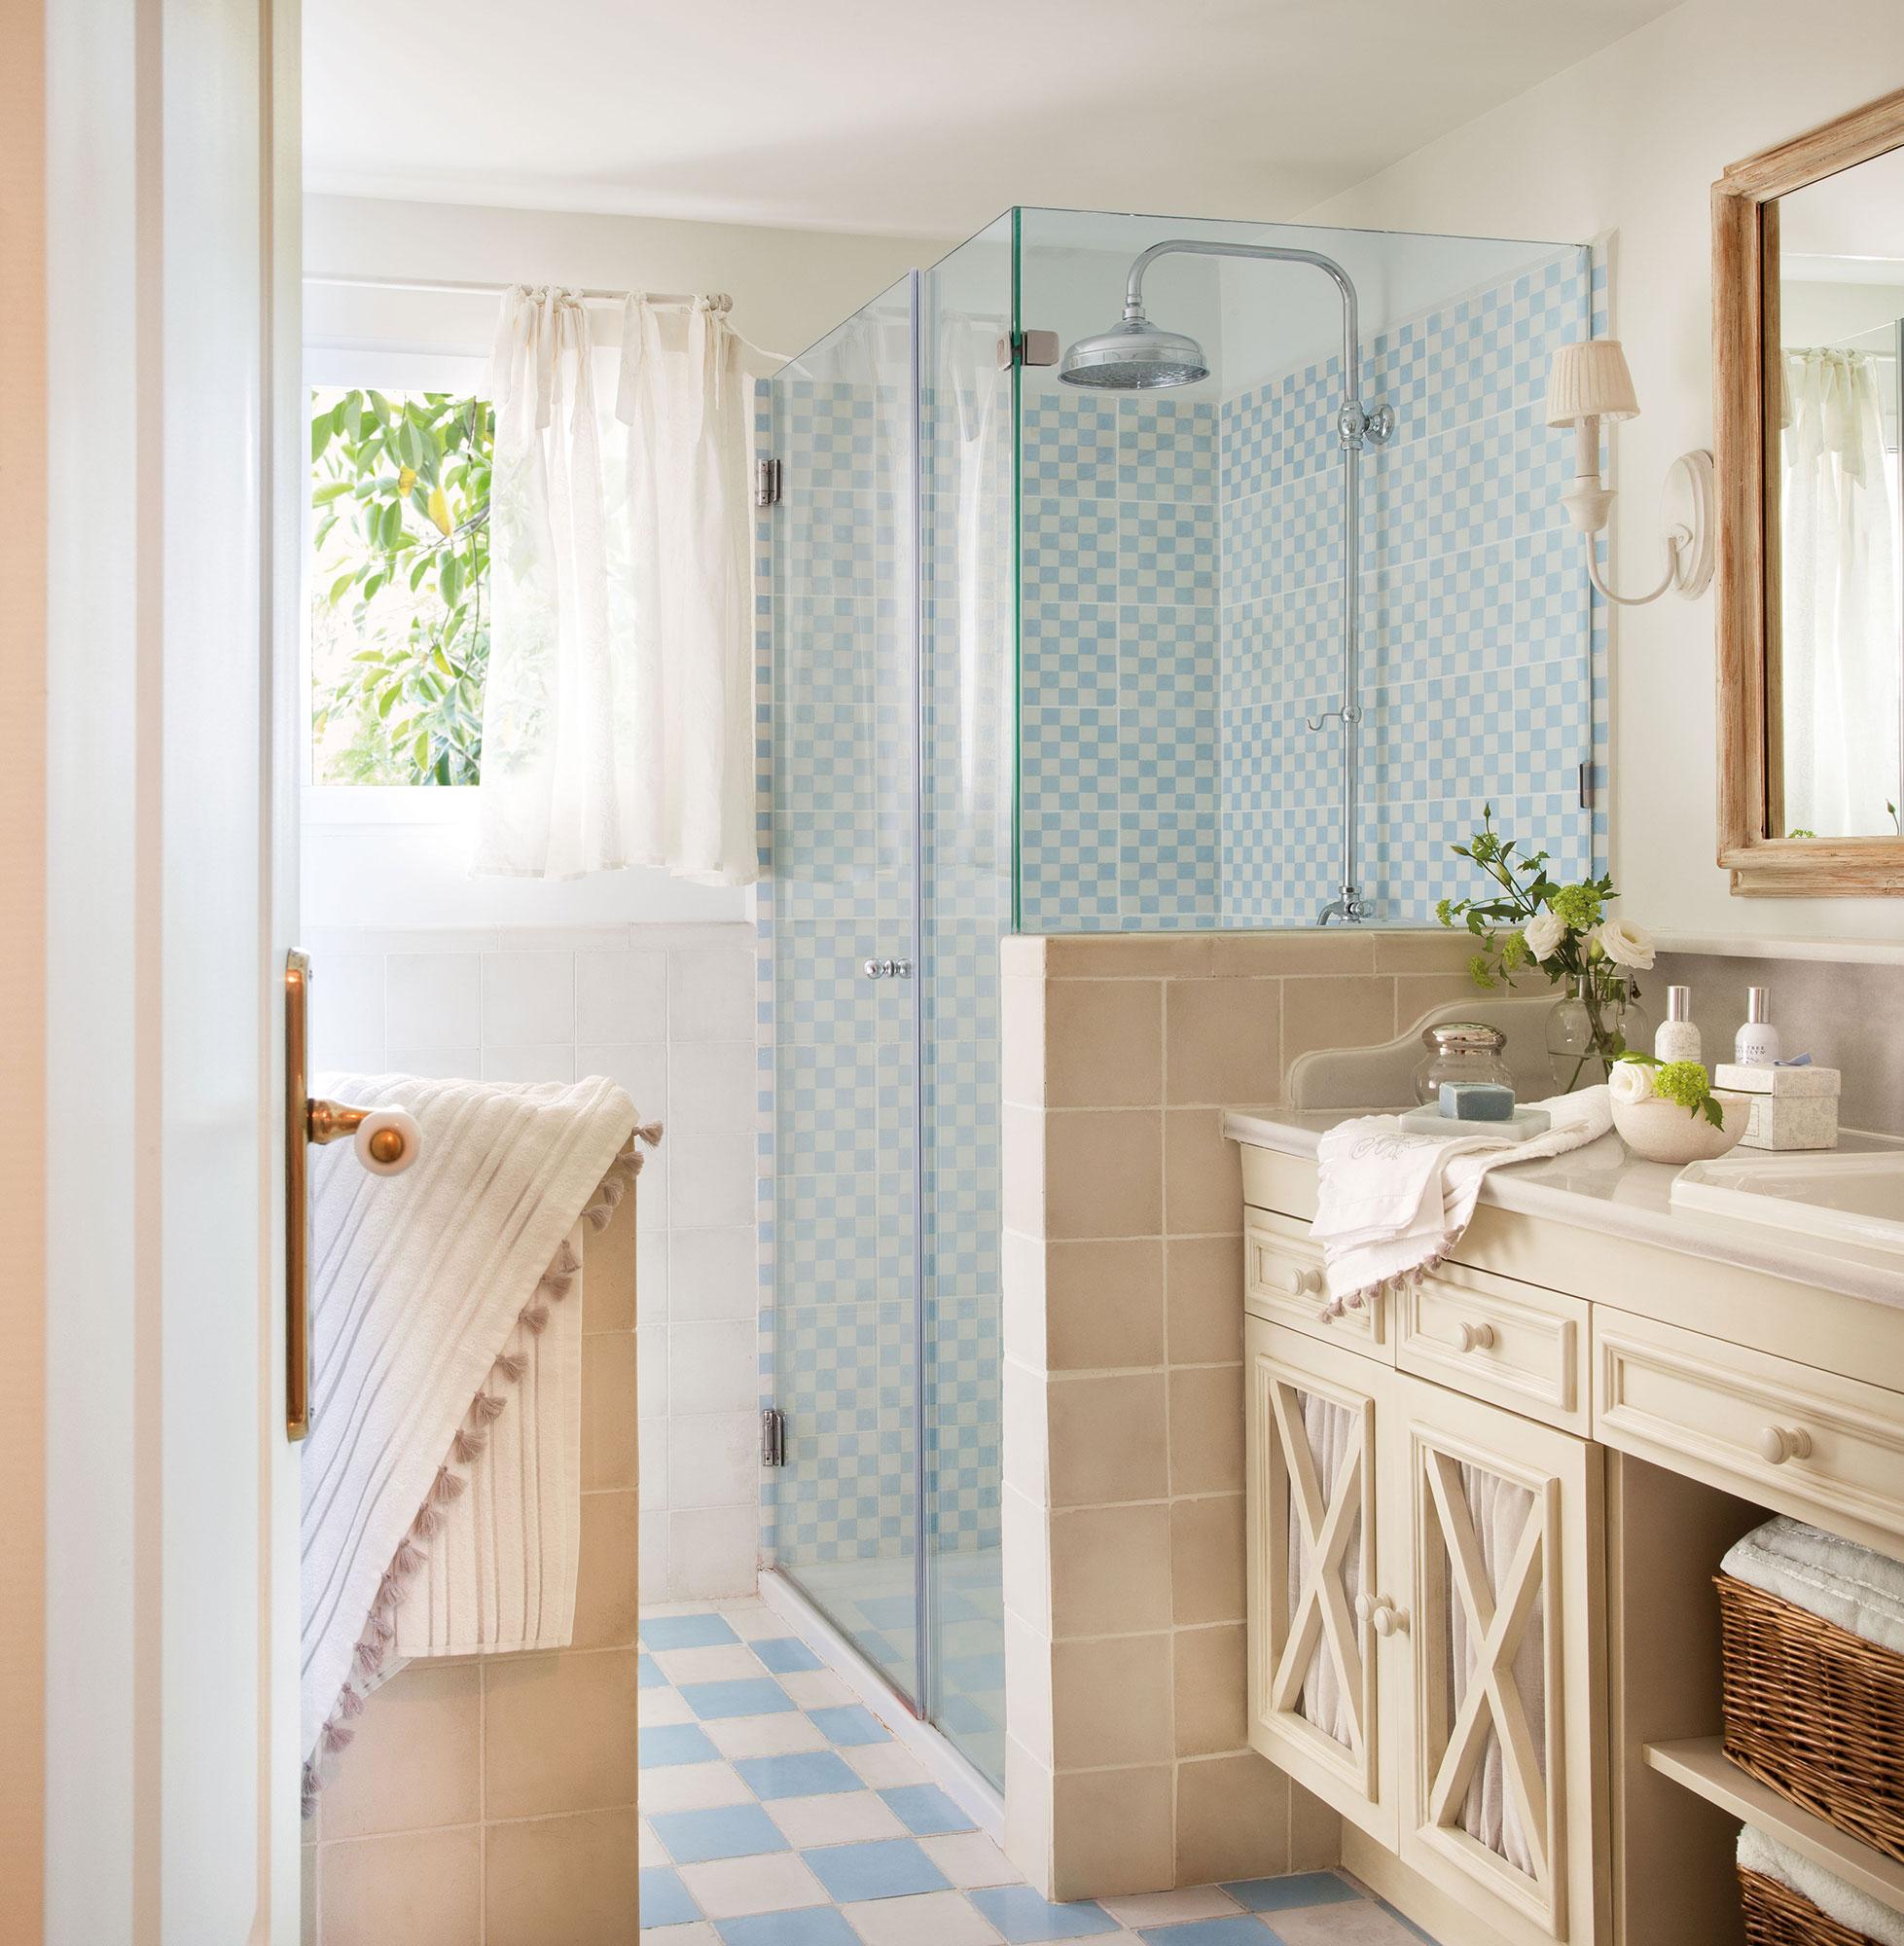 Trucos naturales para mantener el ba o impecable - Limpiar juntas azulejos ducha ...